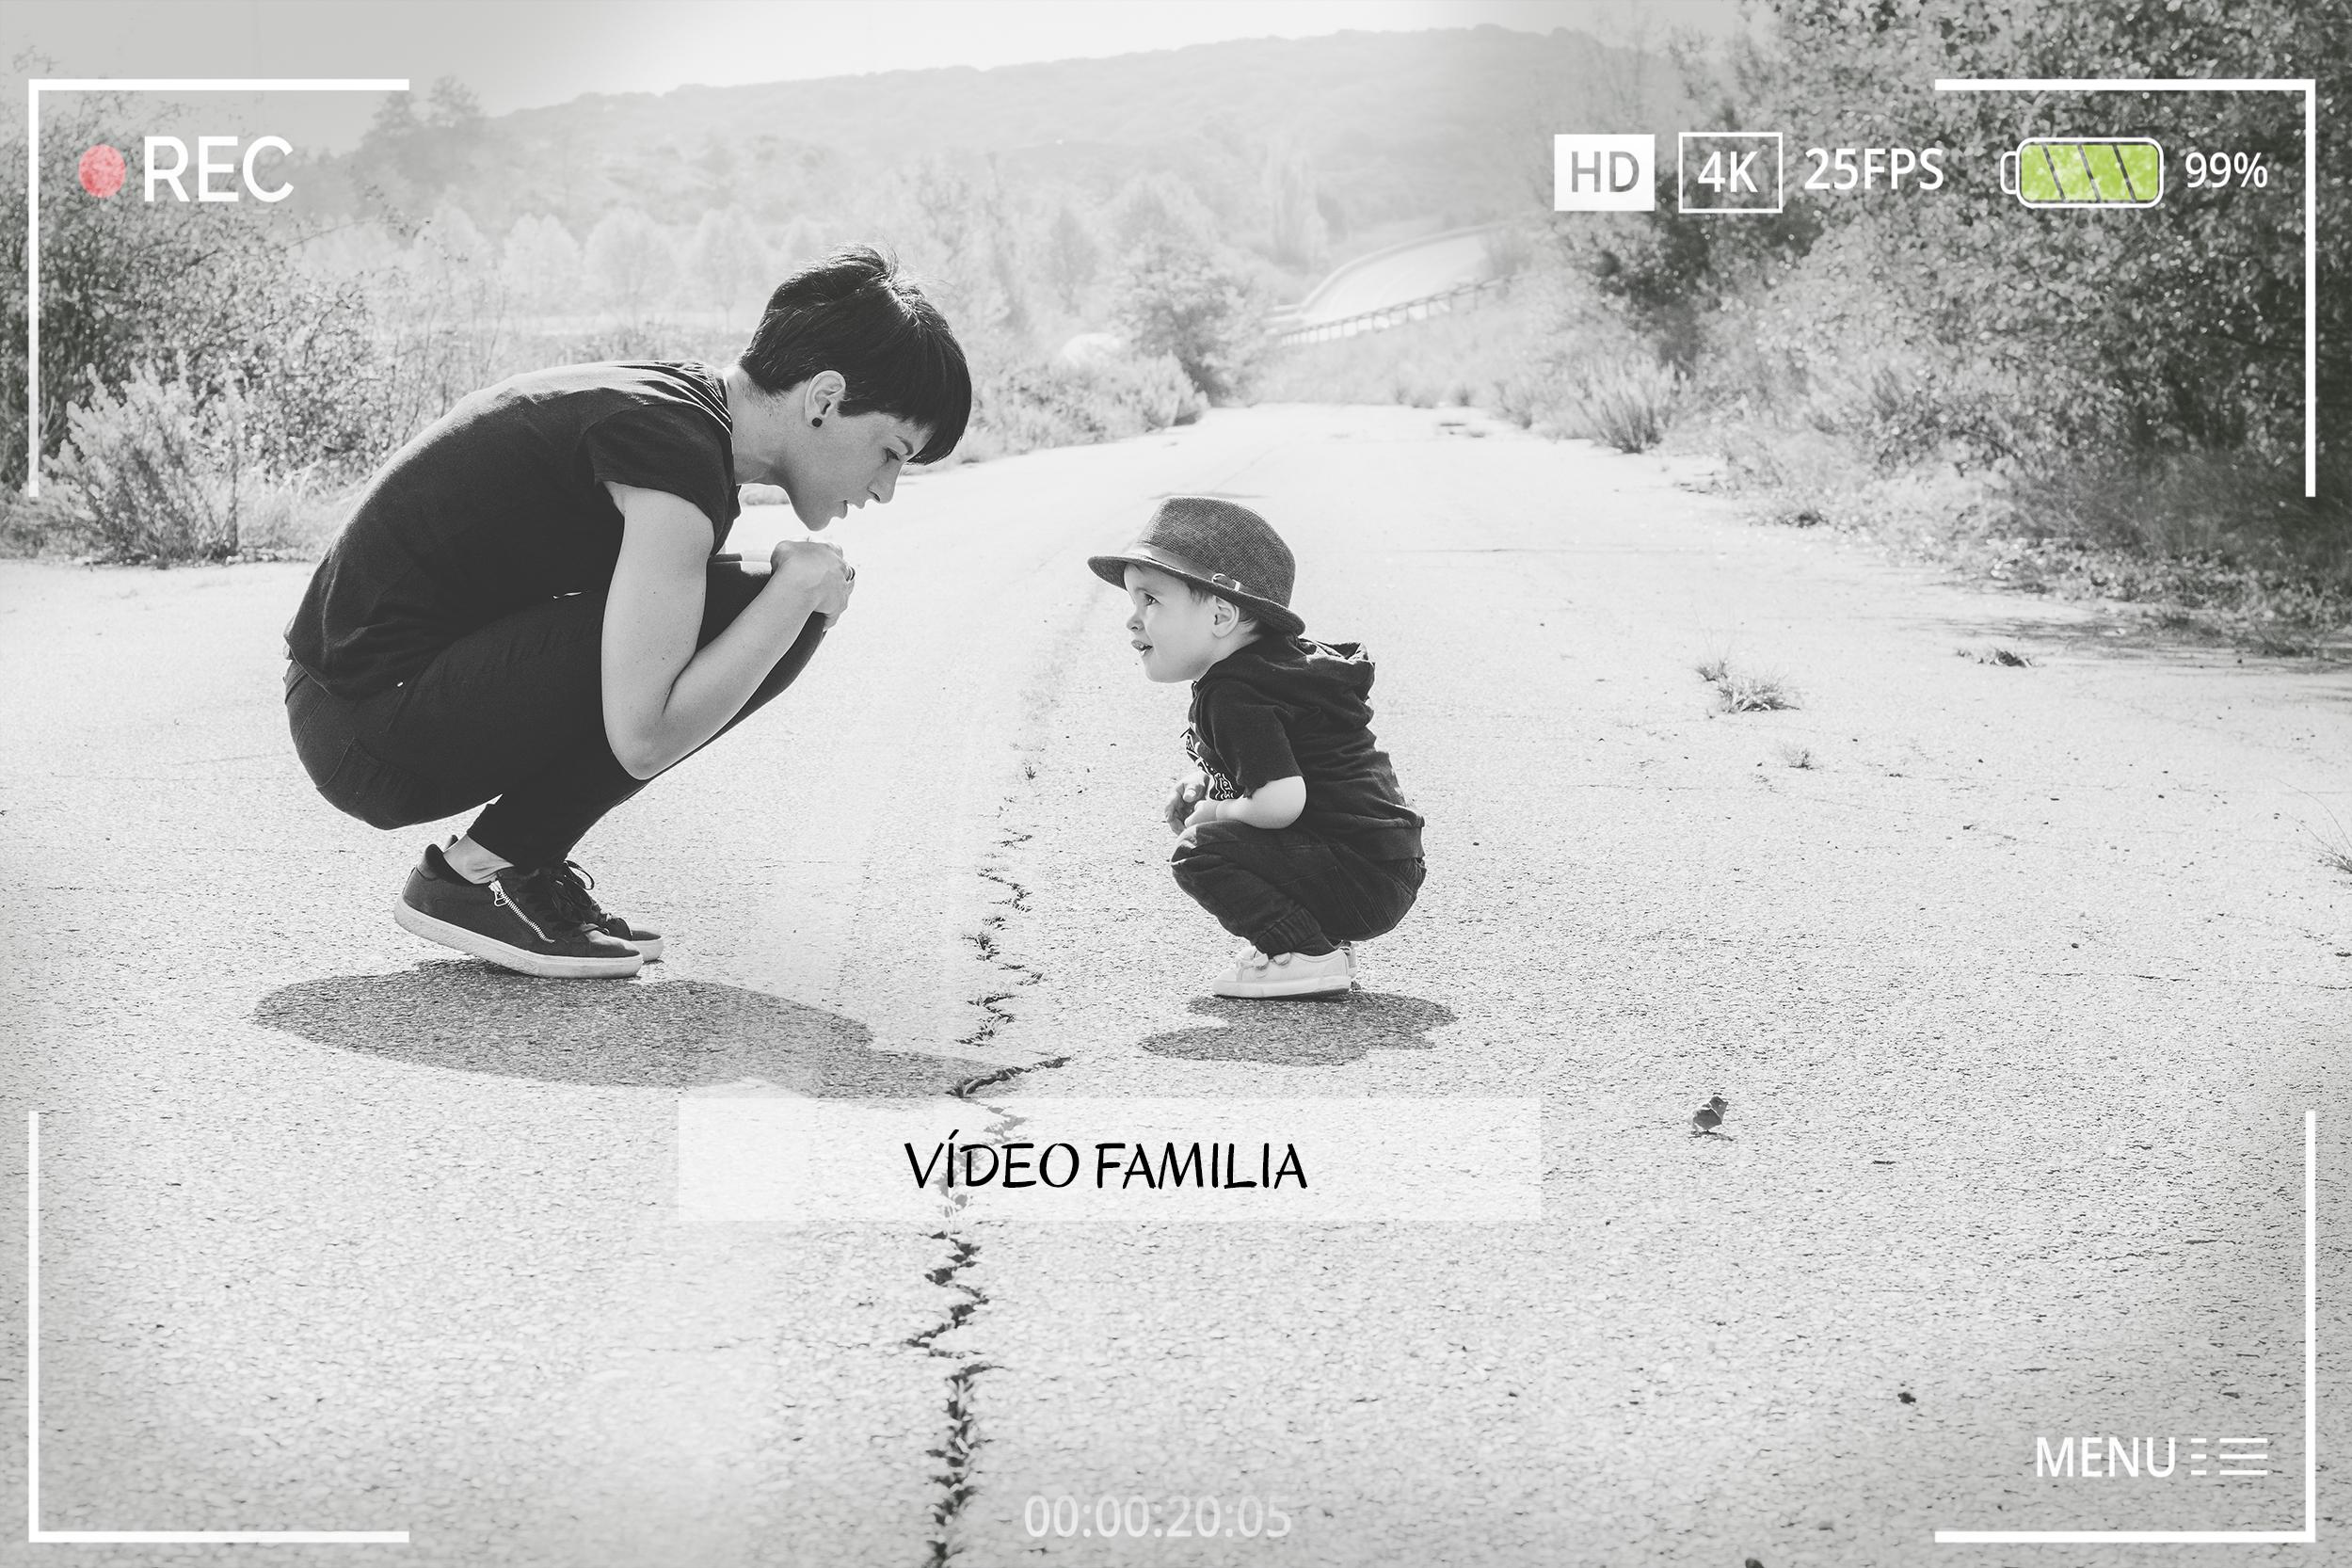 VIDEOS DE FAMILIA